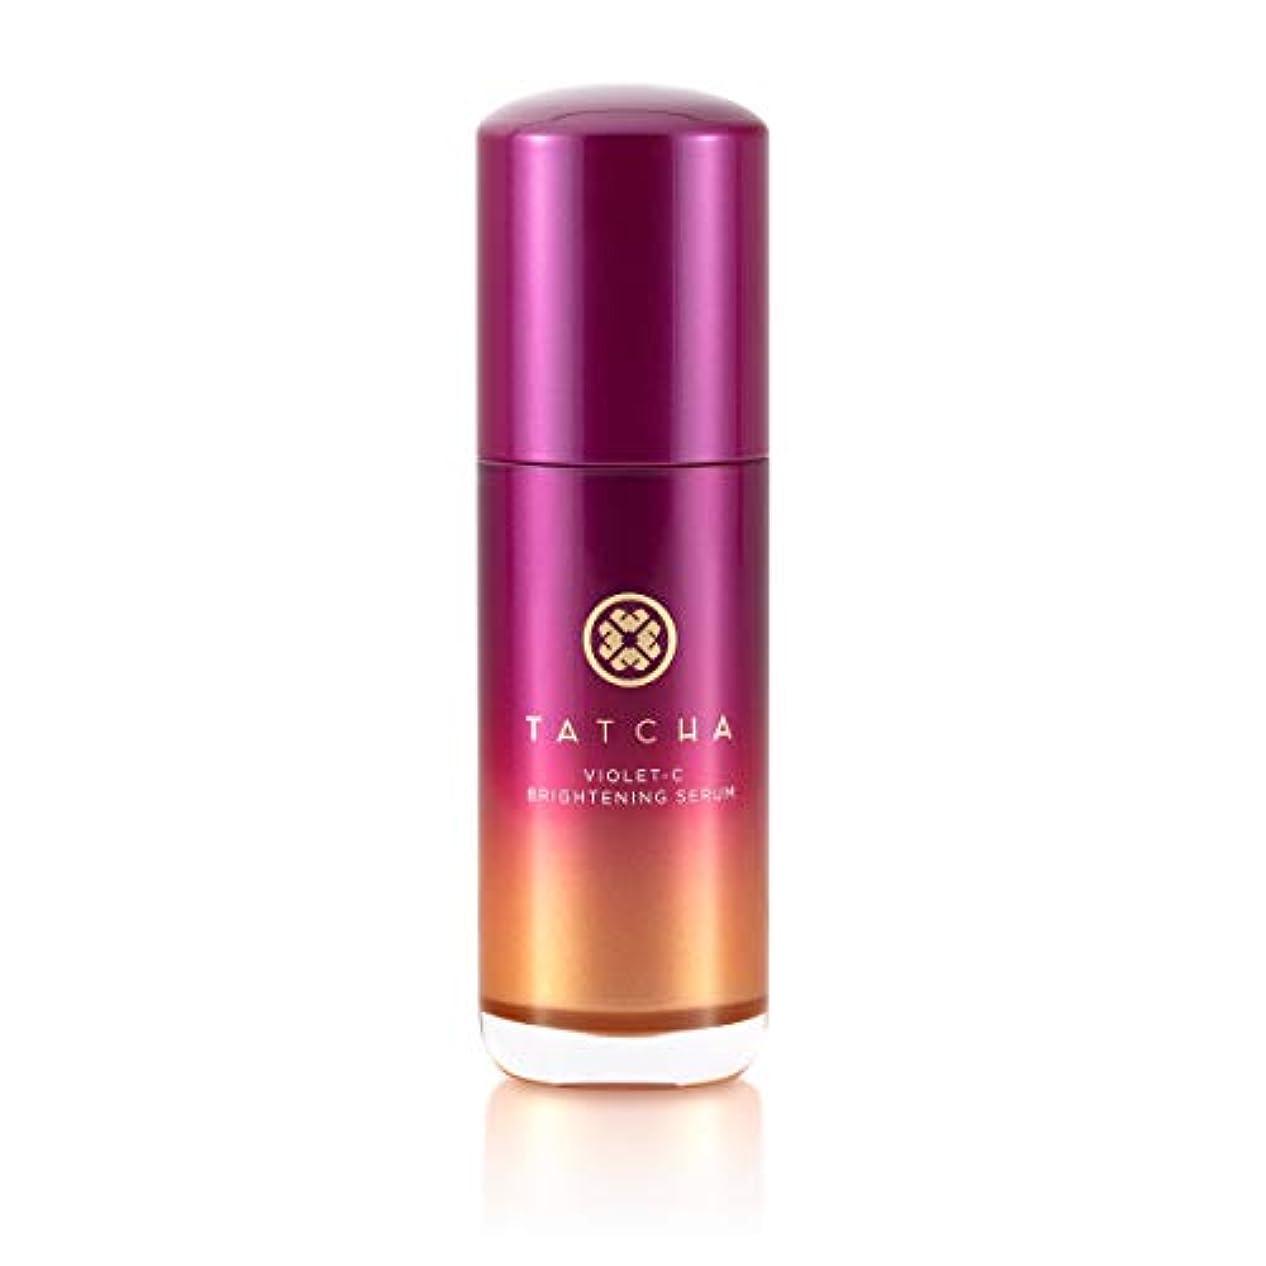 理想的には渇き減少TATCHA Violet-C Brightening Serum (20% Vitamin C + 10% AHA) タチャ バイオレットC ブライトニング セラム 美容液 30ml